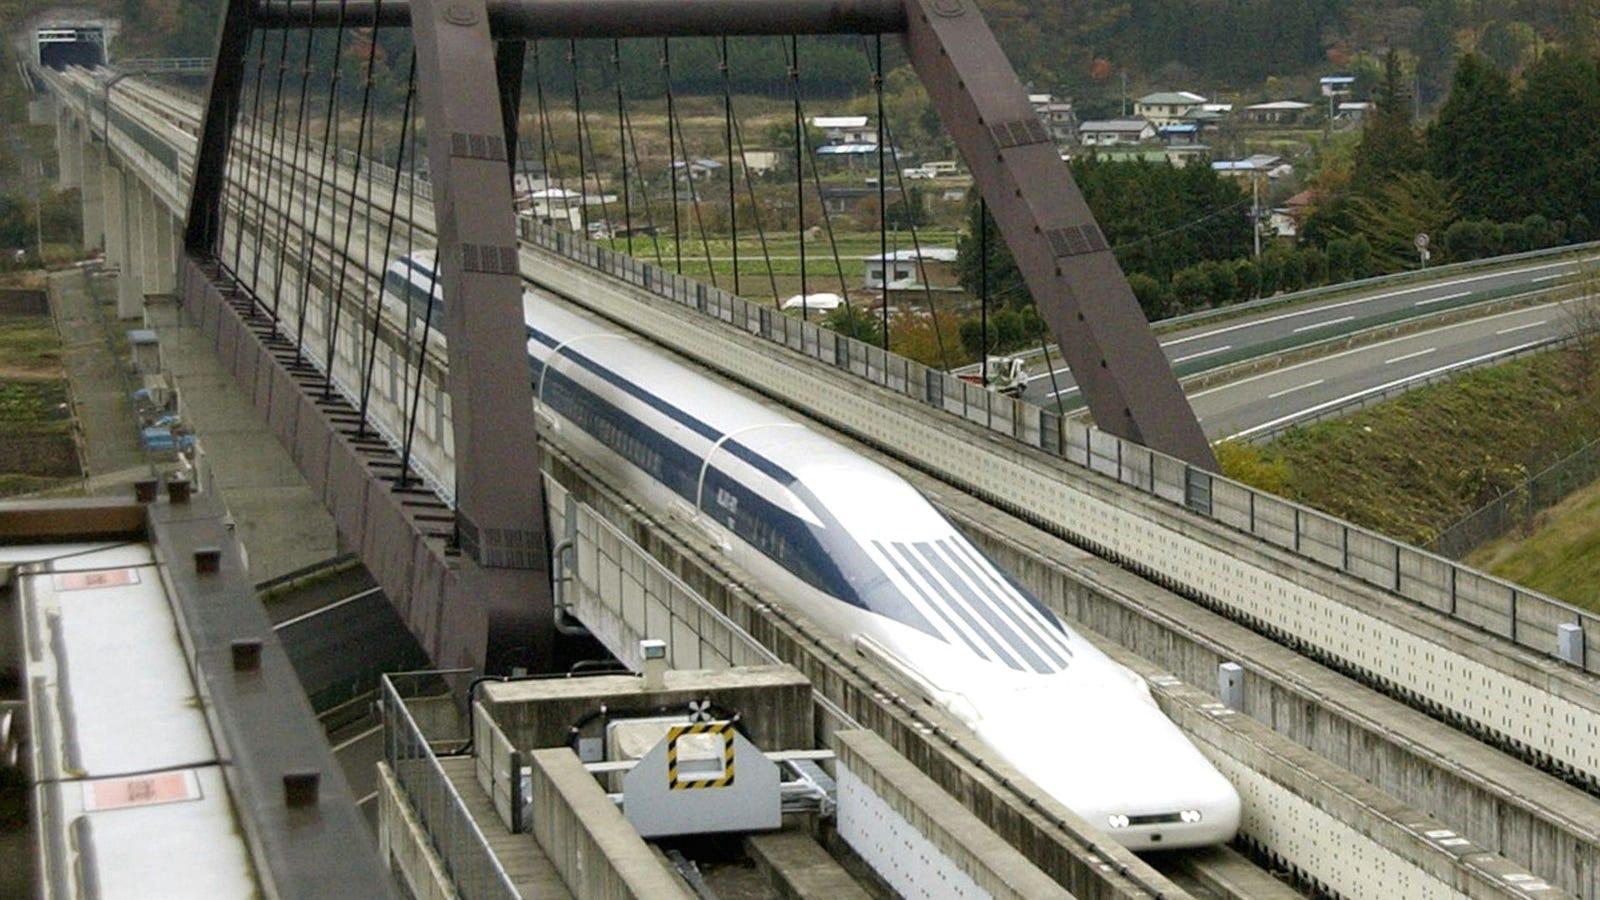 Japón vuelve a batir récord de velocidad con su tren Maglev Lo: 603 km/h